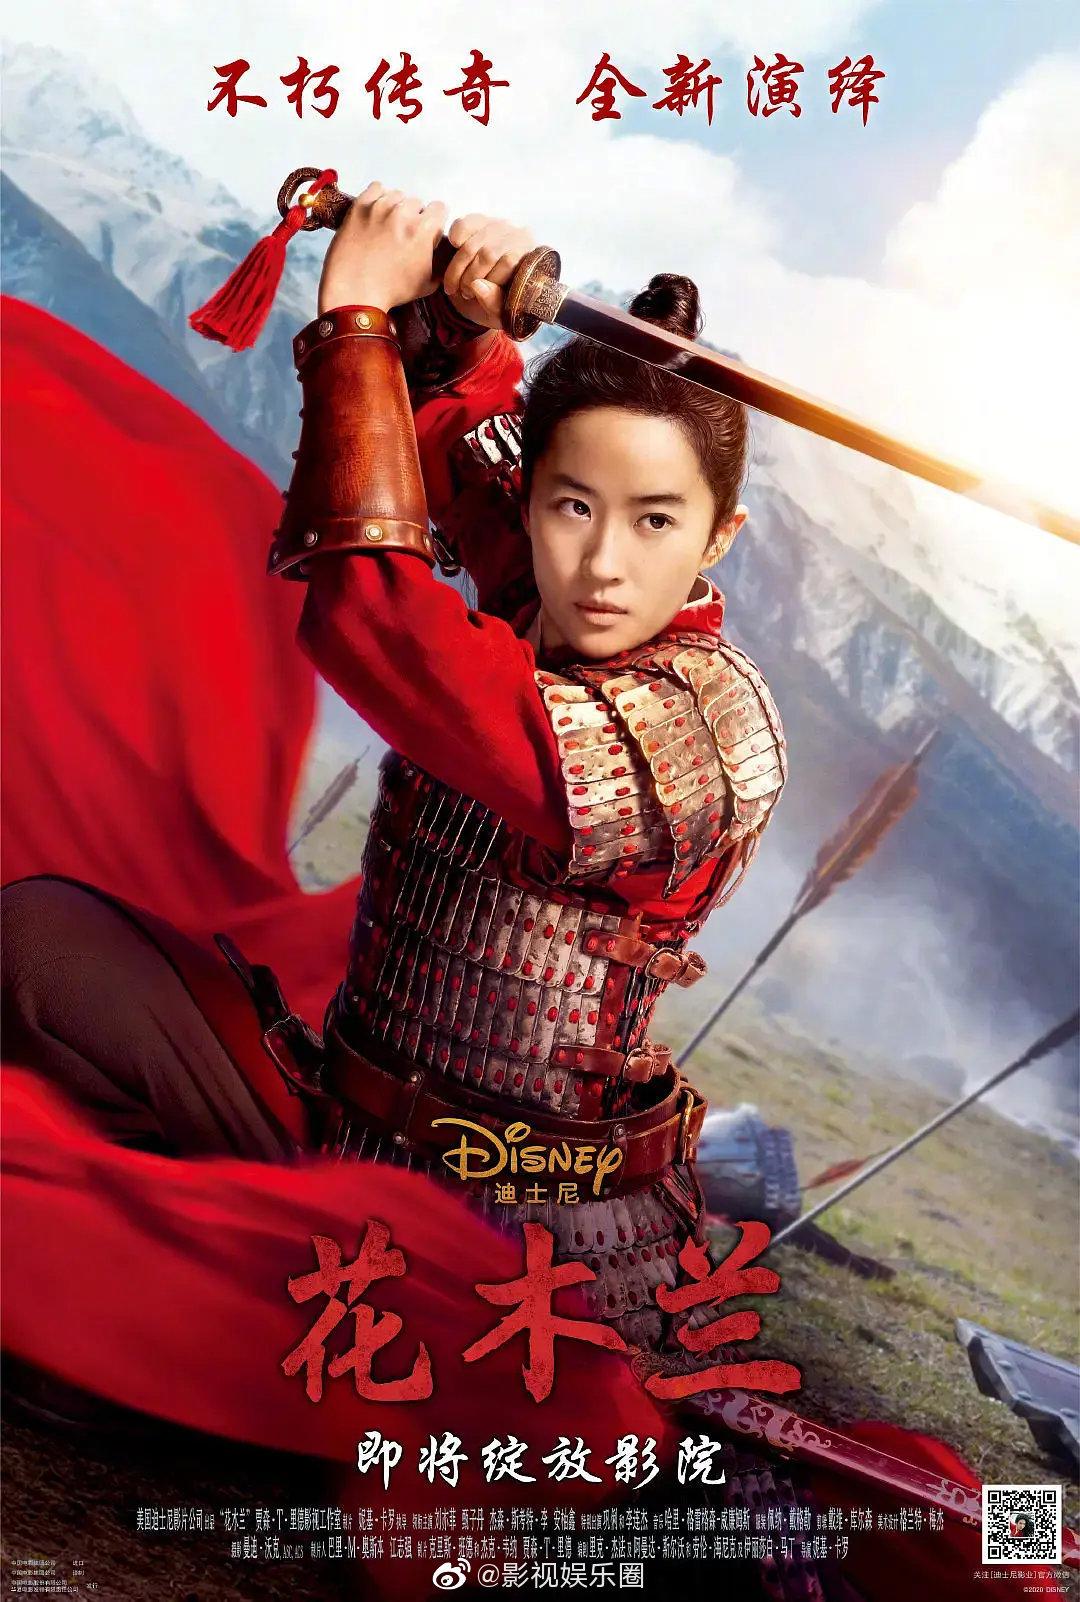 有望9月初与大家见面。首映礼上刘亦菲姐姐的装扮惊艳四座